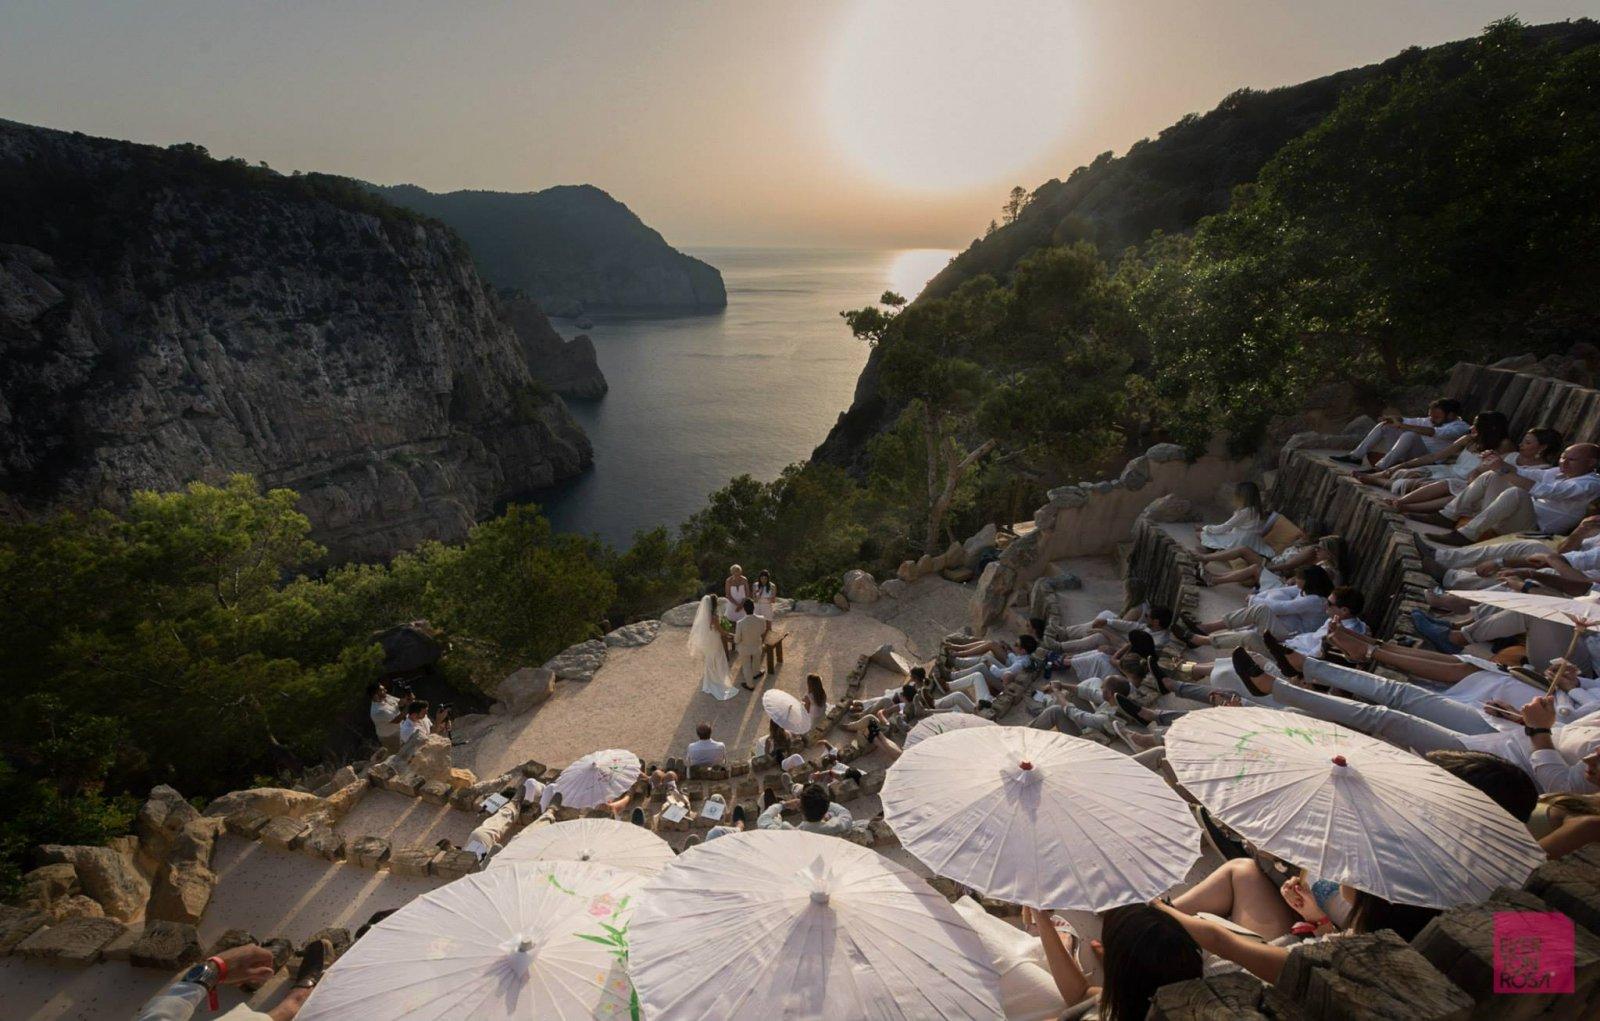 Bords de mer - Nos lieux - Cigales et petits fours - Organisation de mariage